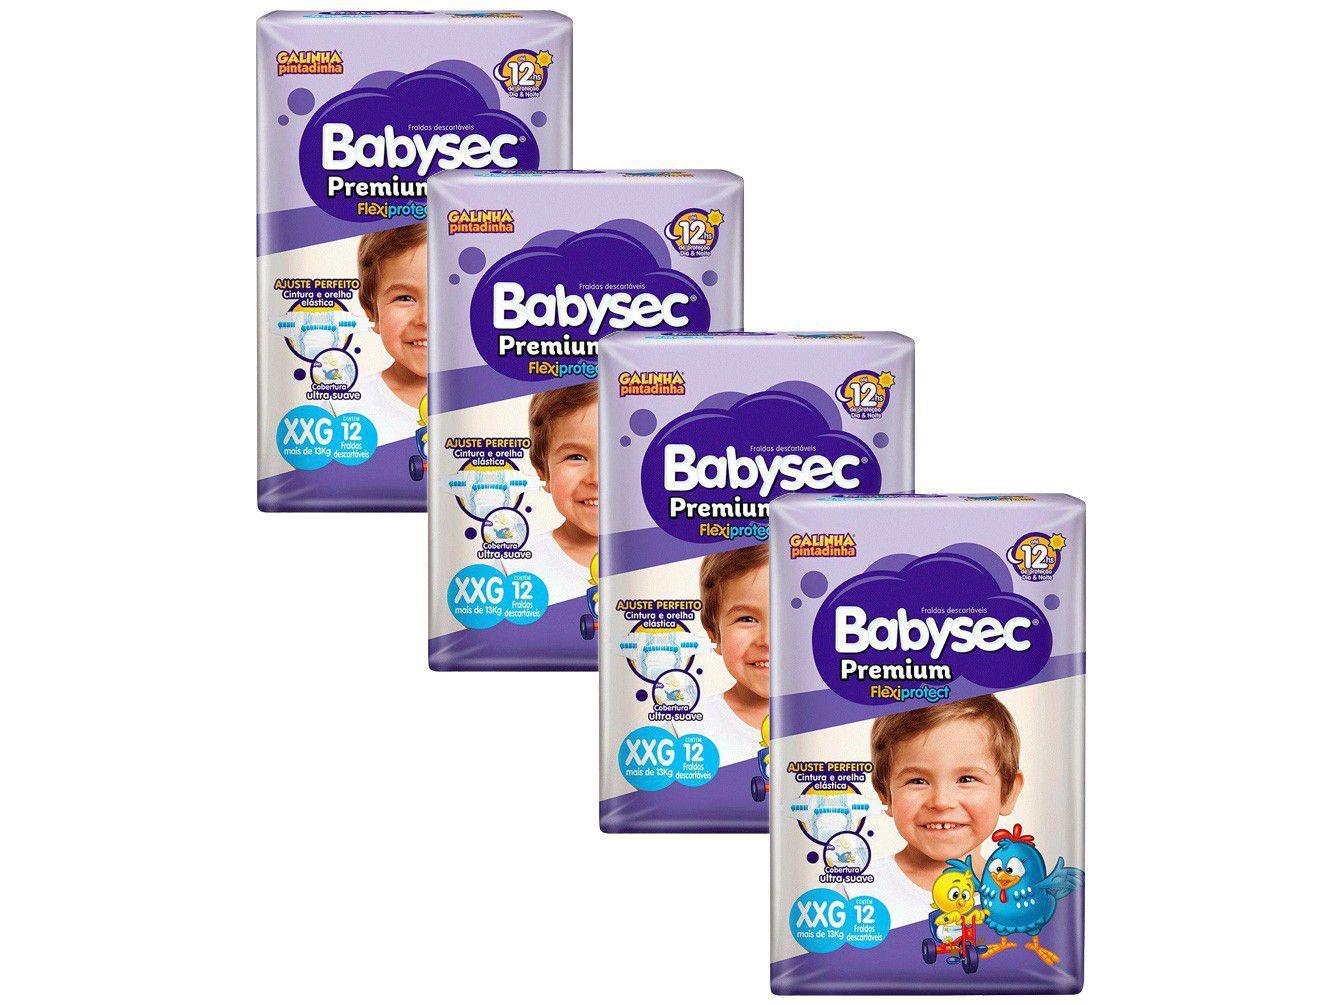 Kit Fraldas Babysec Premium Galinha Pintadinha - Tam. XXG Acima de 13kg 4 Pacotes com 12 Unid. Cada